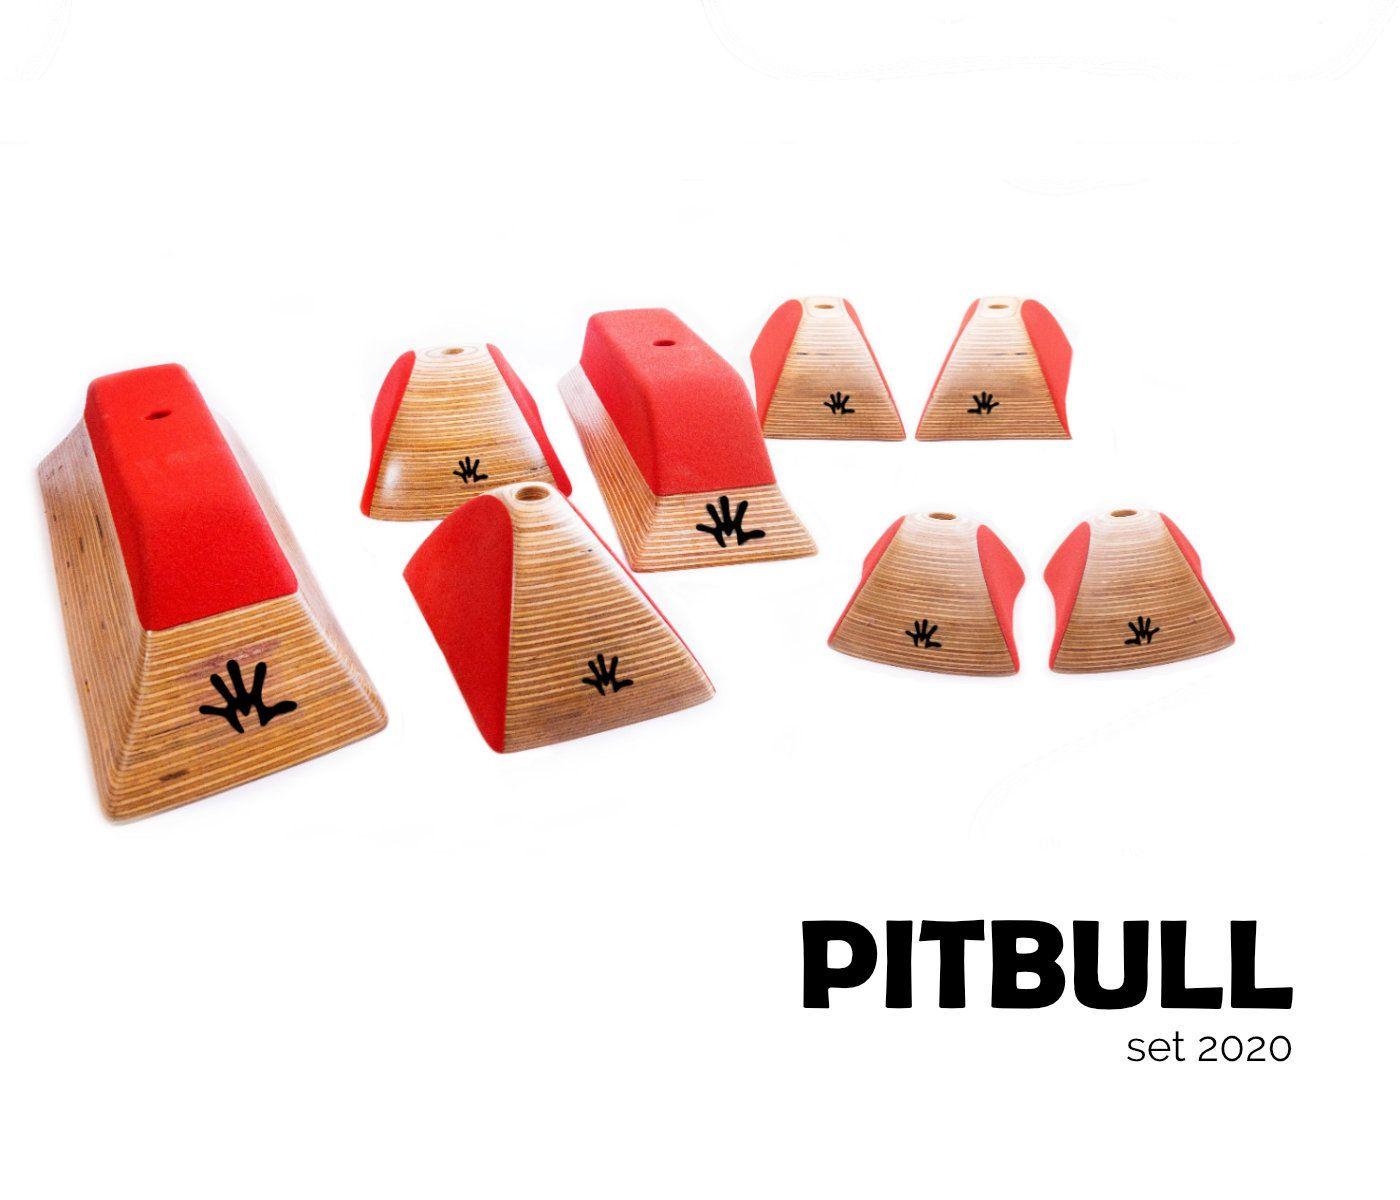 Agarres-para-escalar-set-pitbull-2020-pinzas